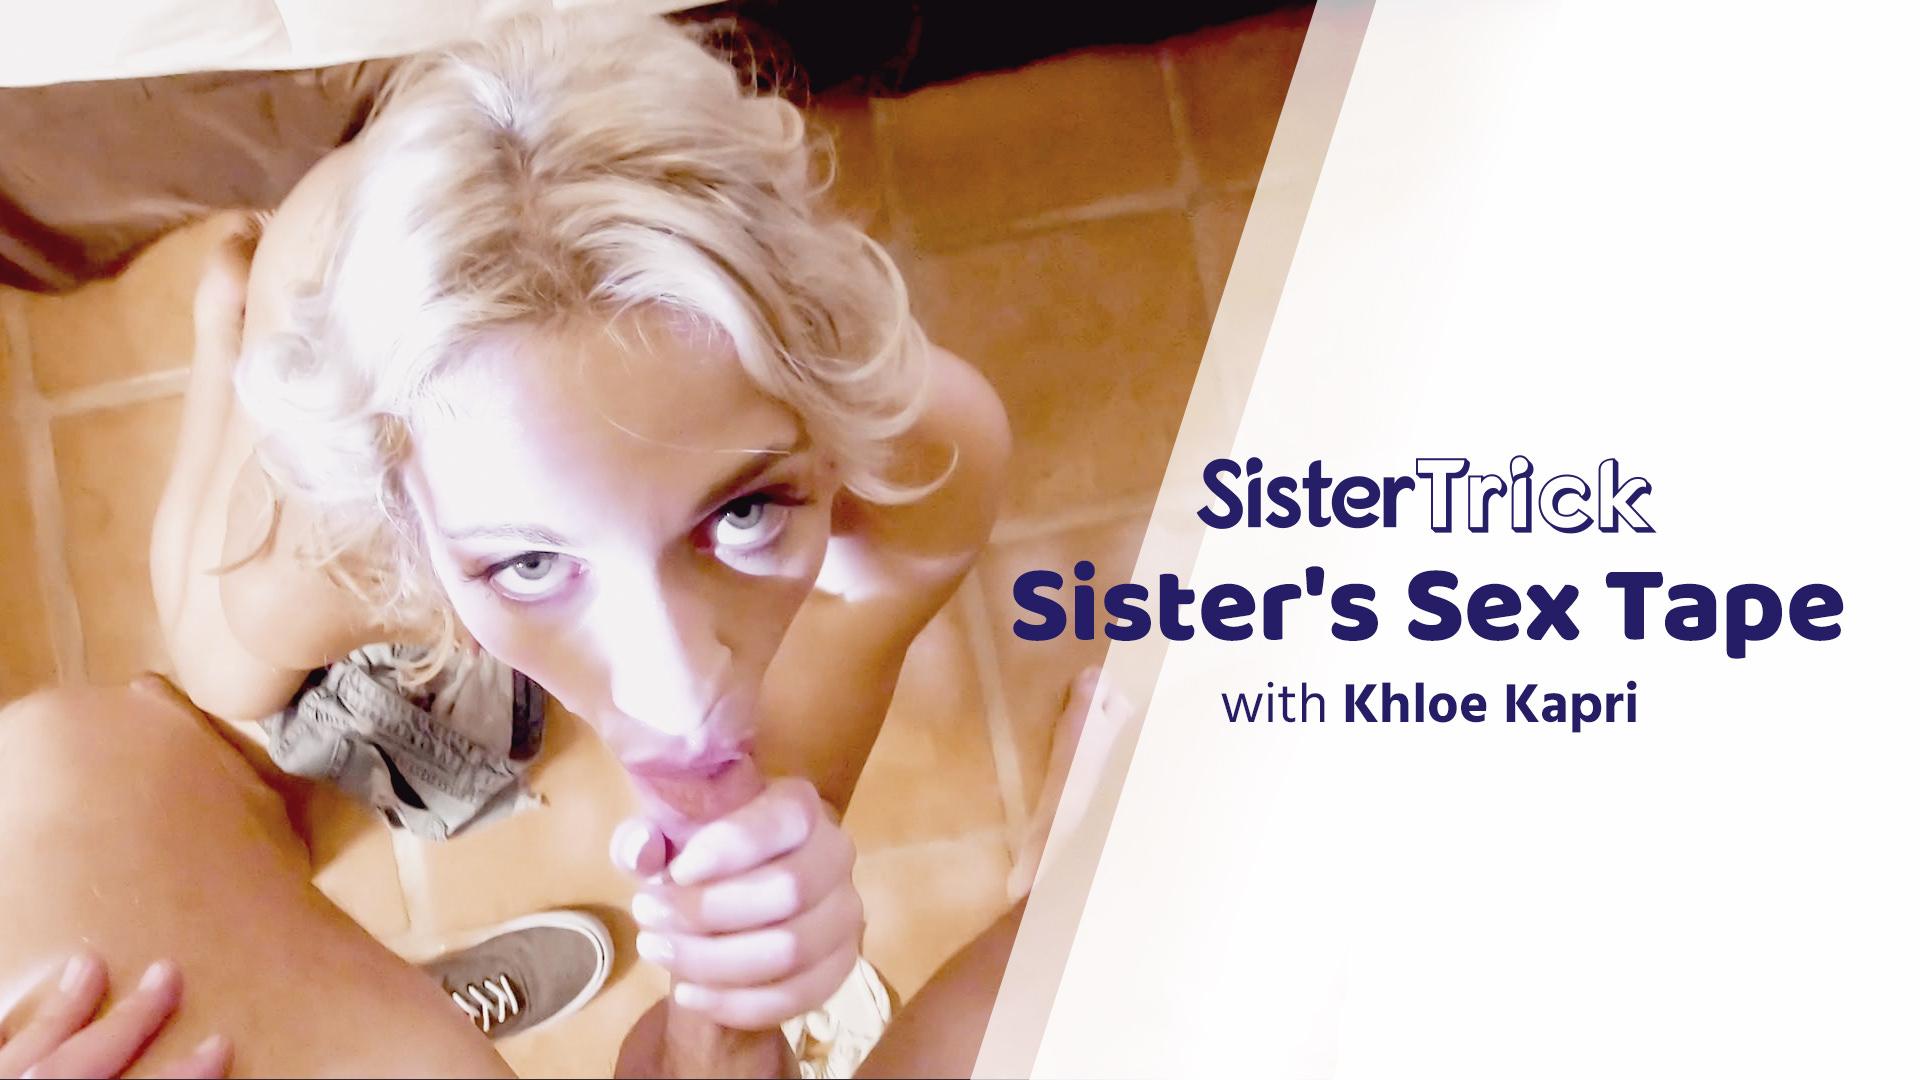 Sister's Sex Tape – Khloe Kapri